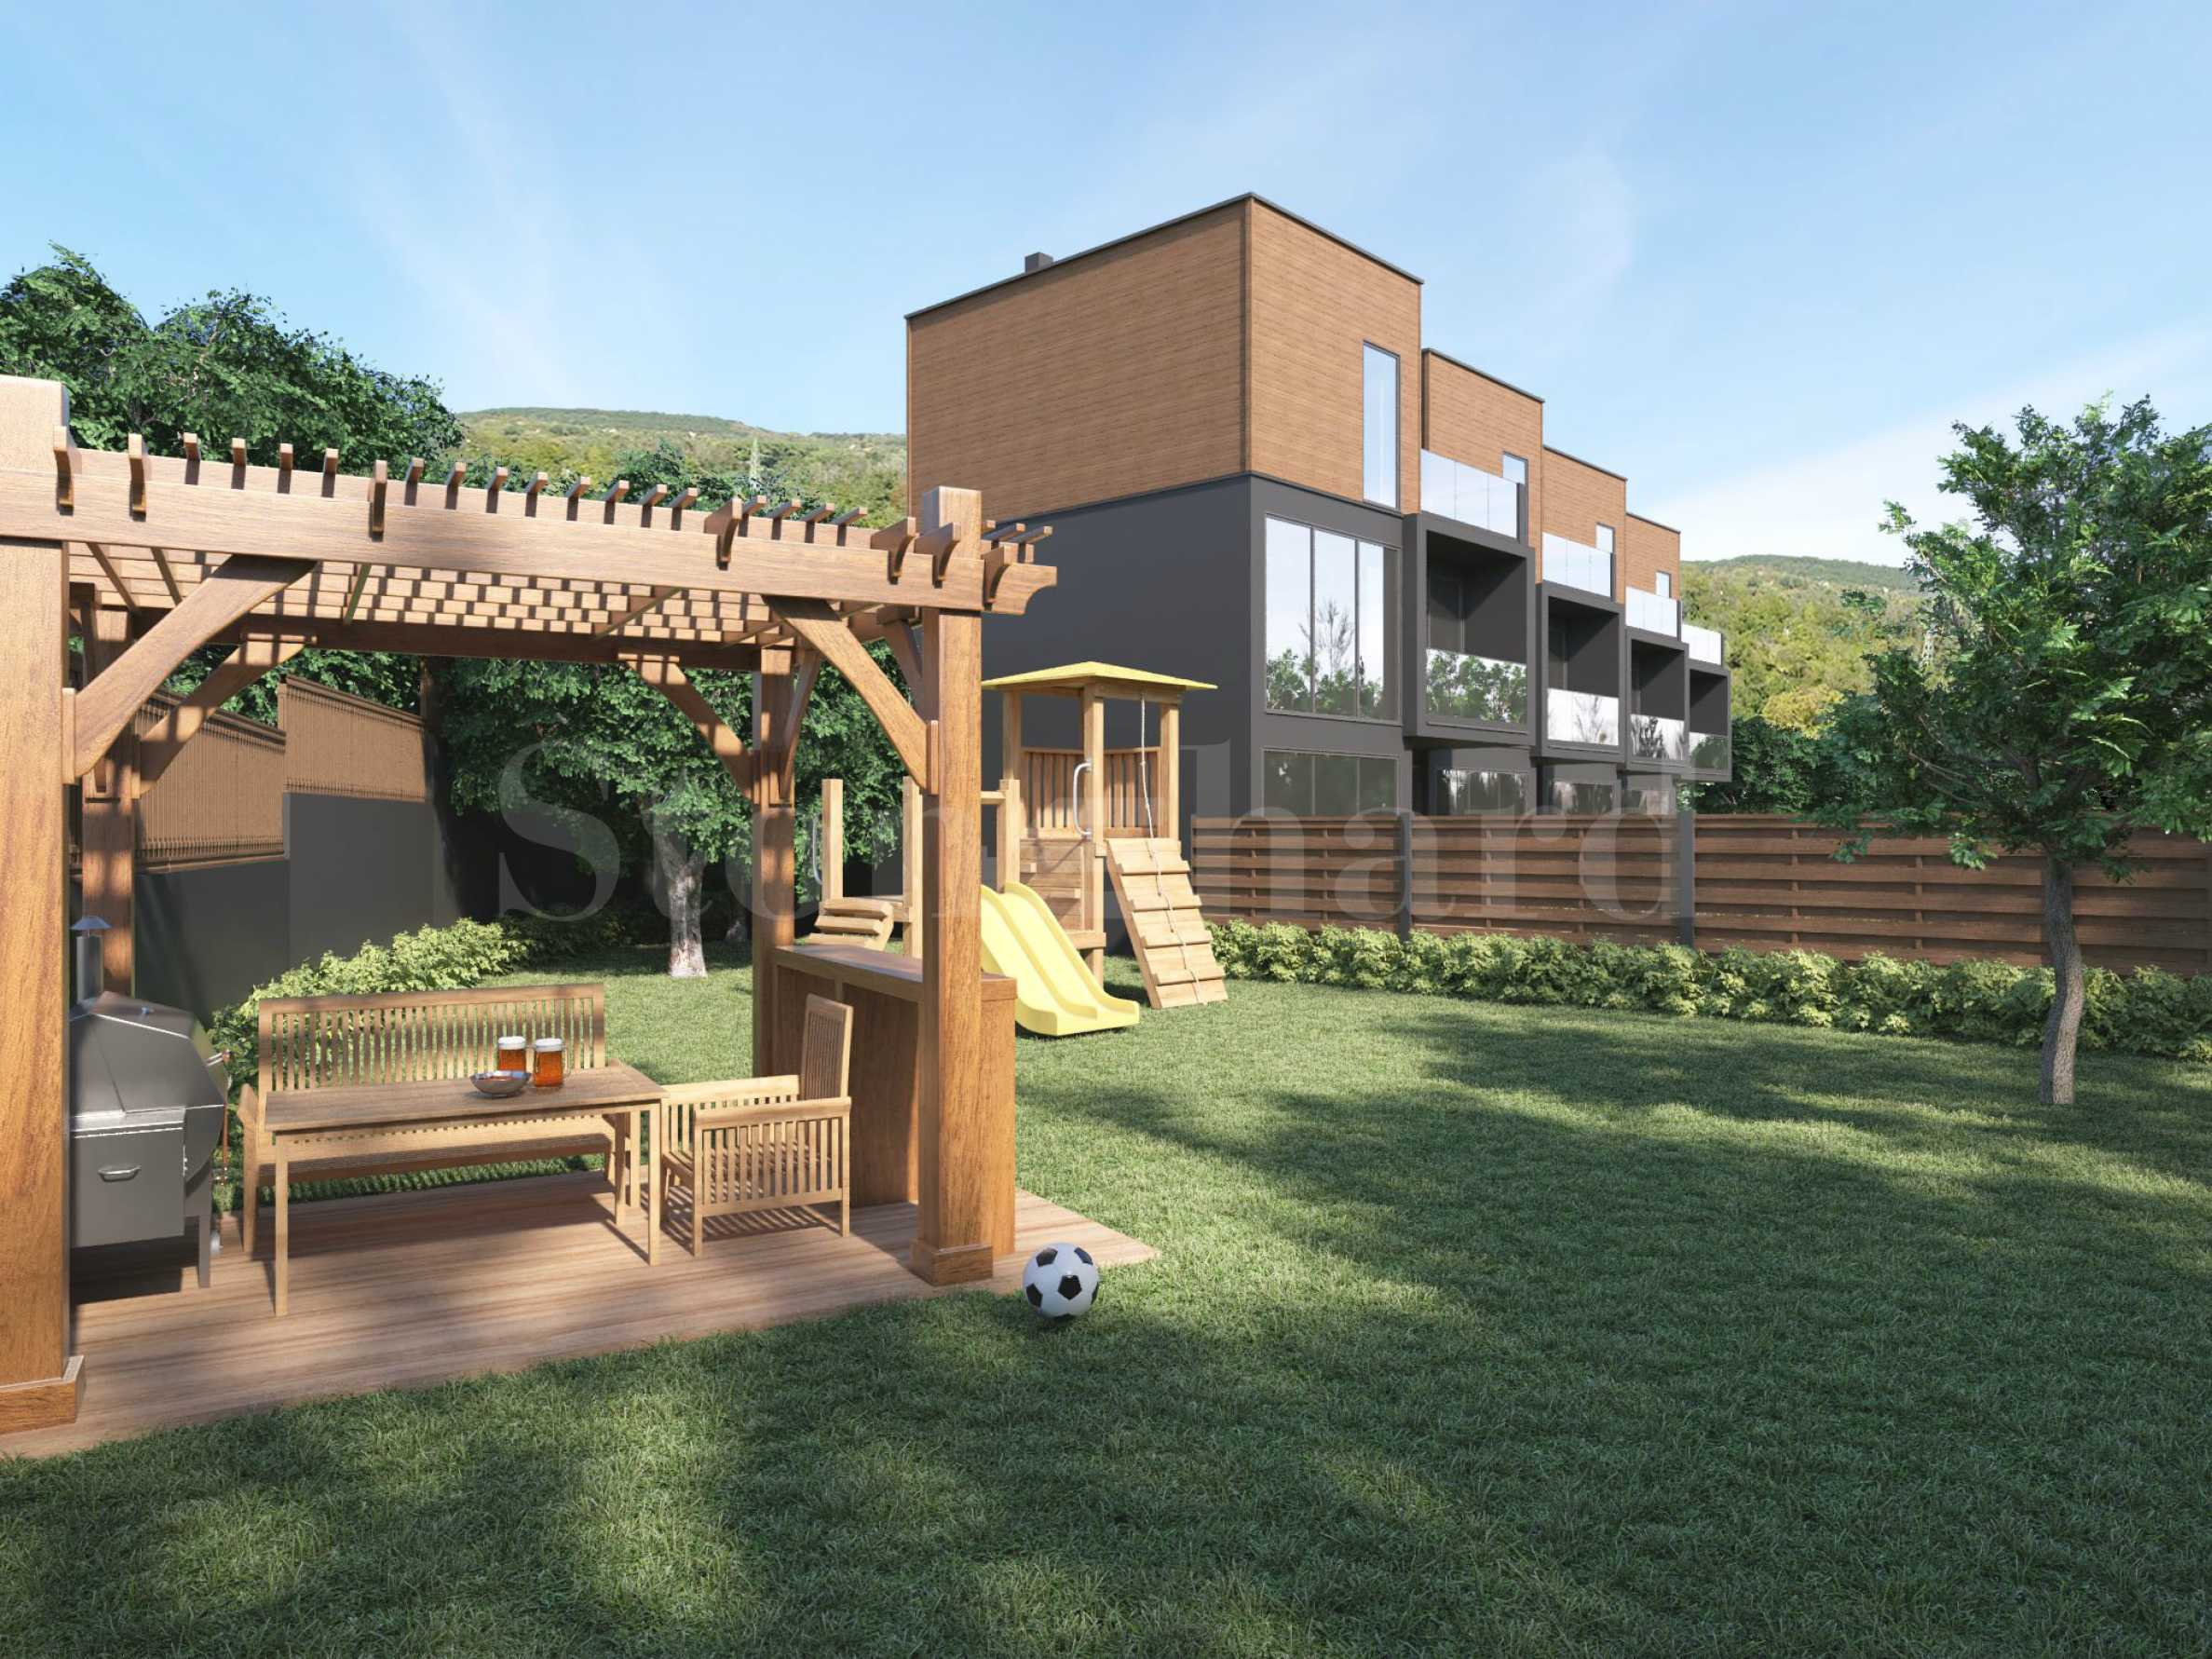 Къща на три етажа с три спални и панорамна тераса2 - Stonehard